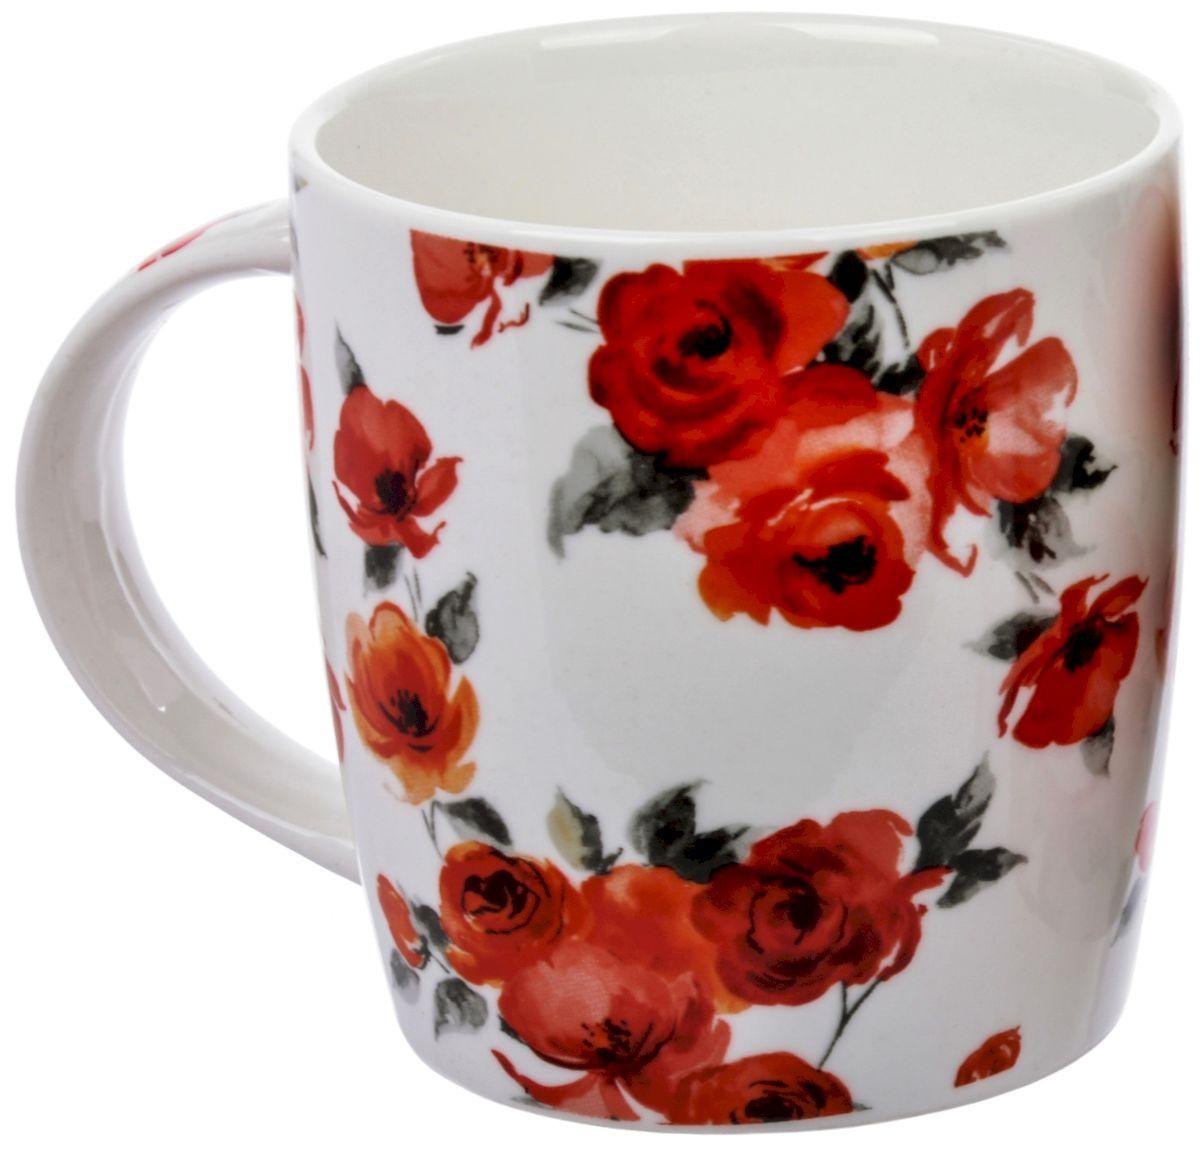 Кружка Liling Quanhu Роза, 355 мл кружка liling quanhu букет дизайн 1 380 мл